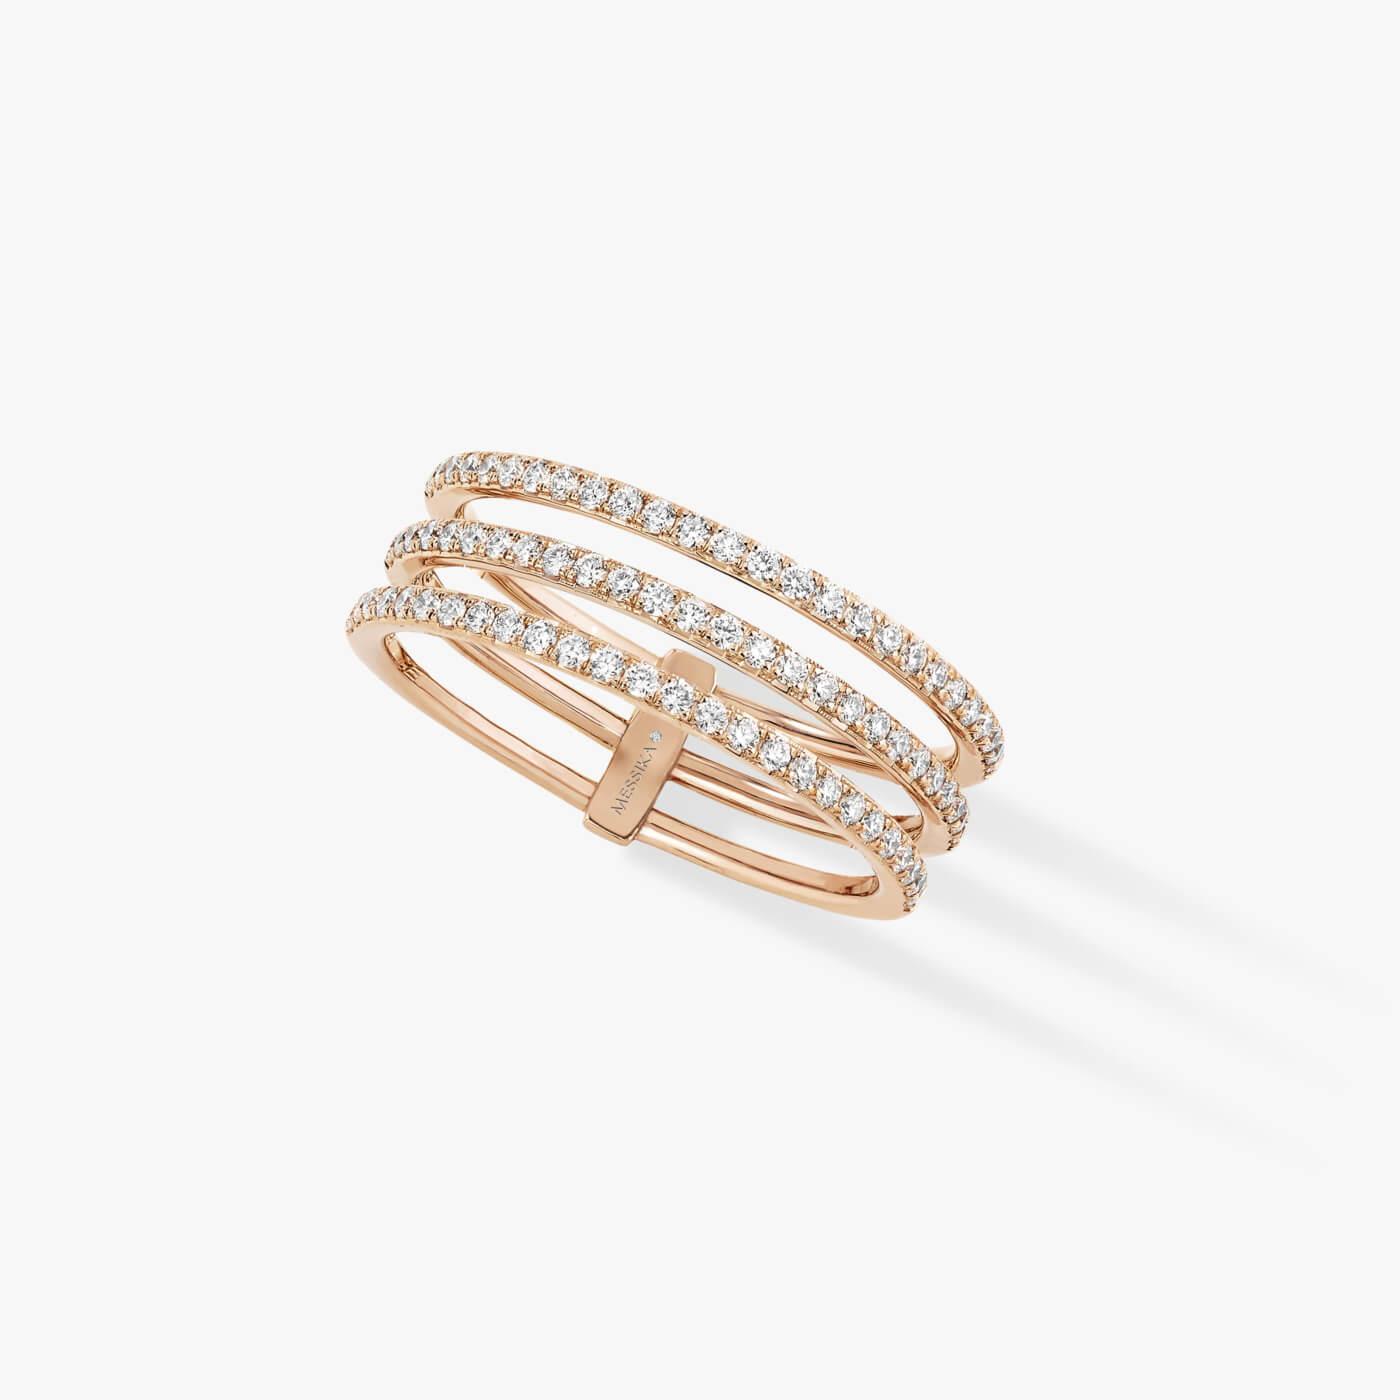 GATSBY prsten iz tri reda